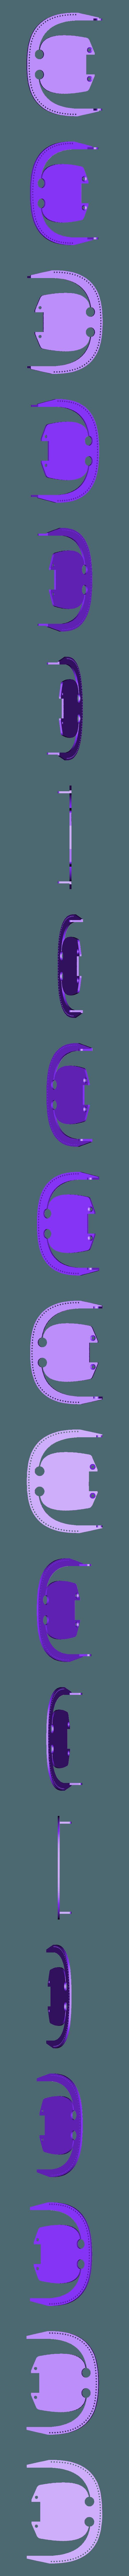 lower_jaw.stl Télécharger fichier STL gratuit Mécanique de la bouche et du sourcil, adaptable à la mécanique de l'œil • Modèle pour impression 3D, kakiemon